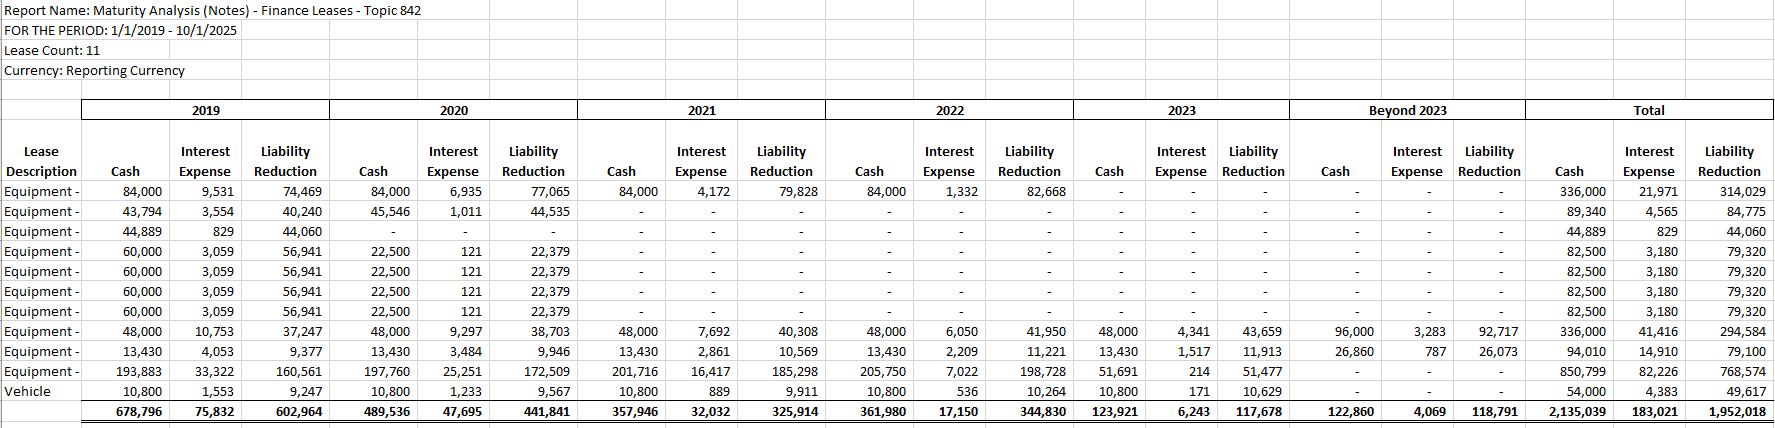 ASC 842 Maturity Analysis Example